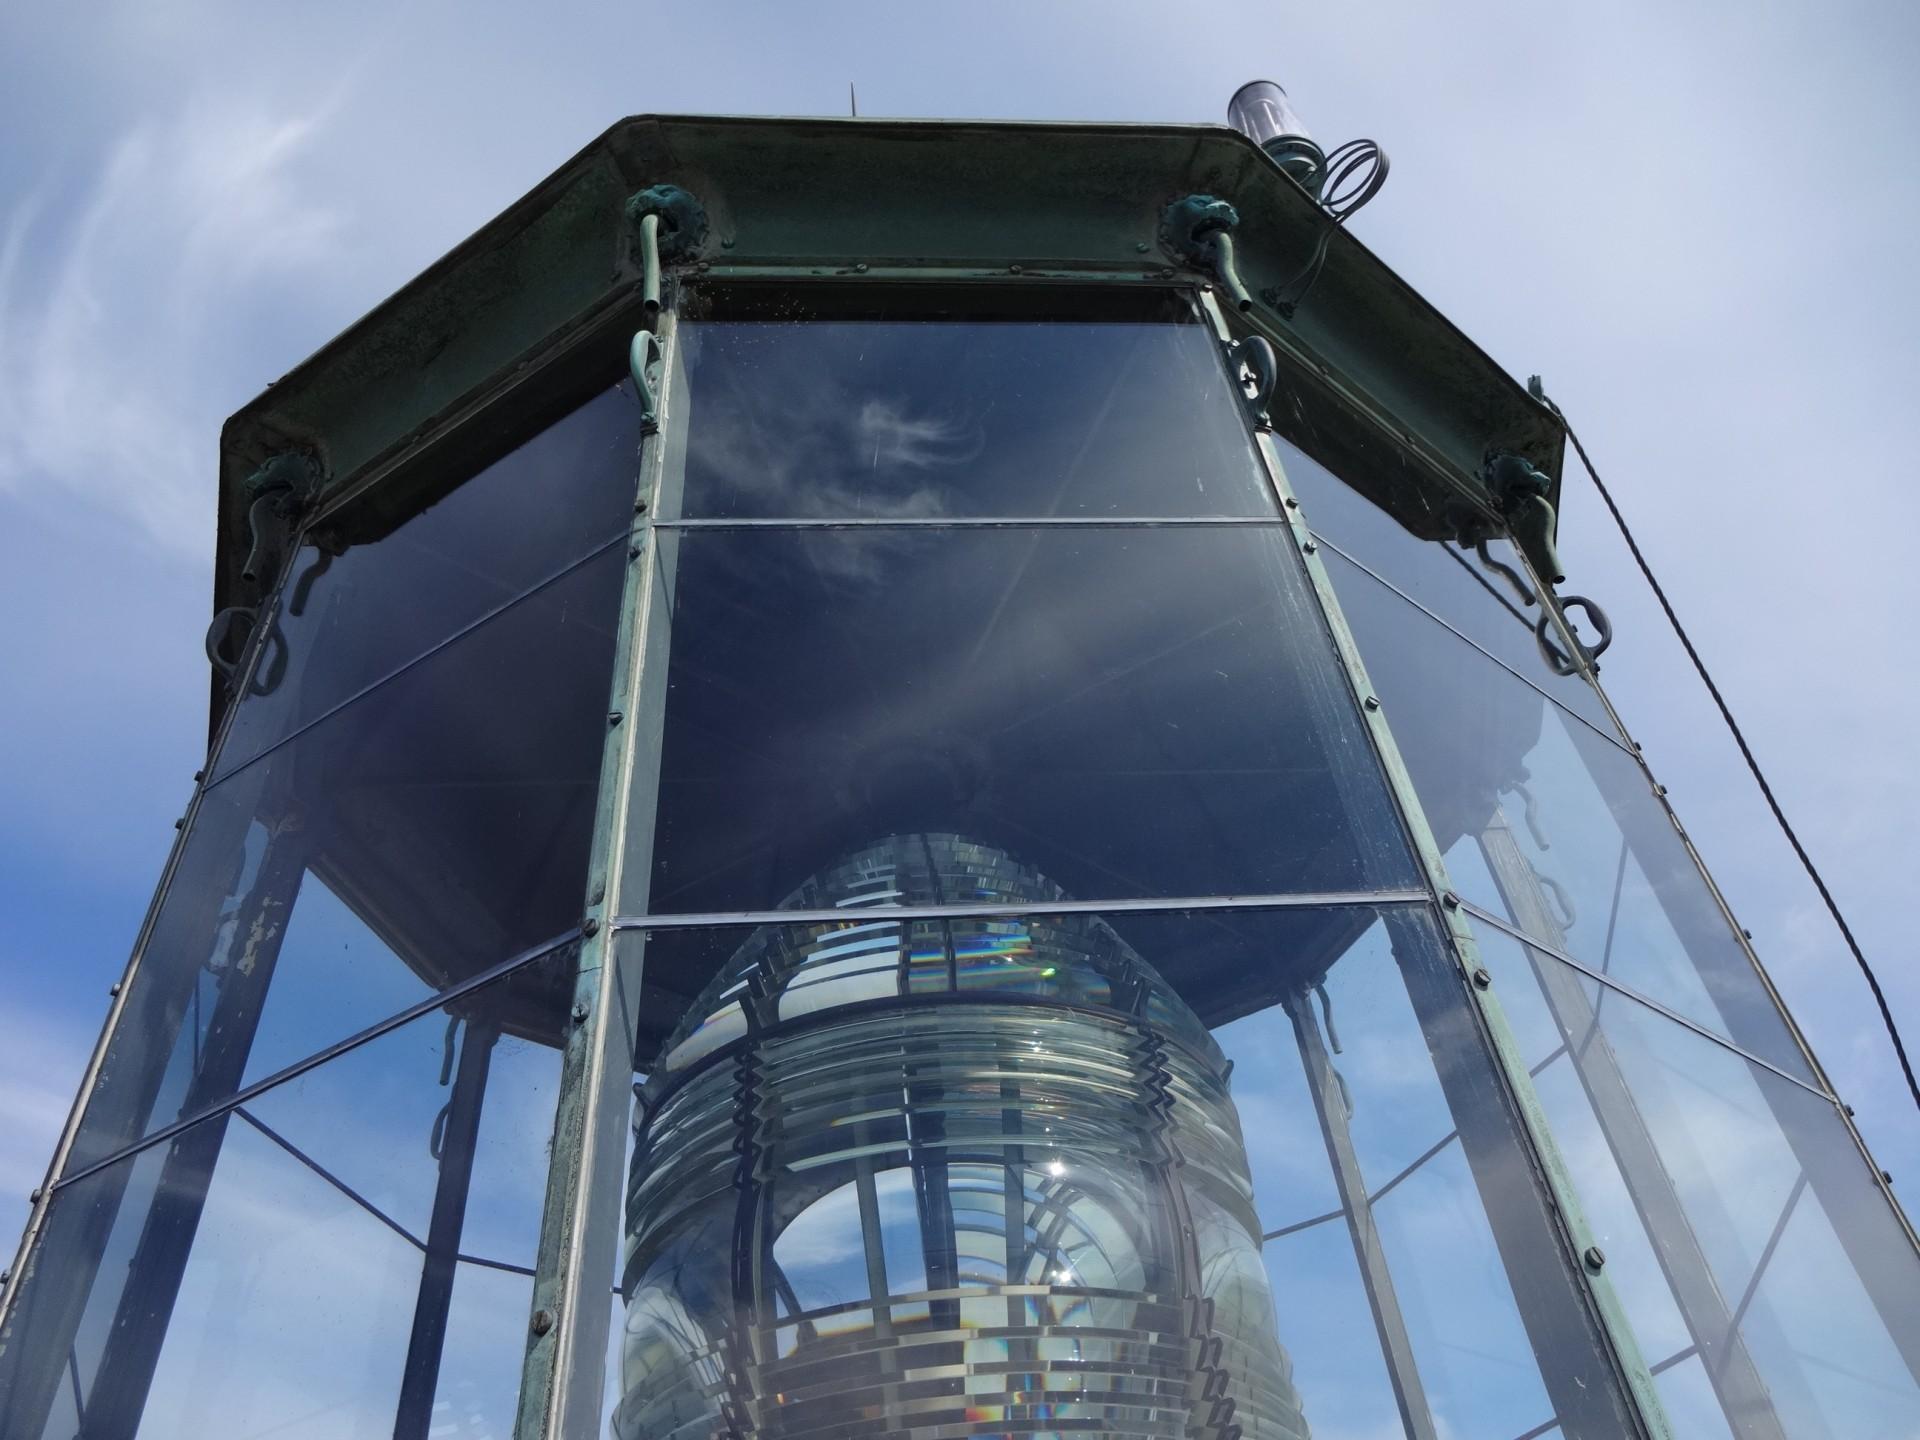 Söderskärin majakassa on Fresnellin järjestgelmän mukainen ranskalaisen Sauter co:n valmistama kristallilinssistö, jotka valmistuessaan 1862 edustivat loistetekniikan ehdotonta huippua.